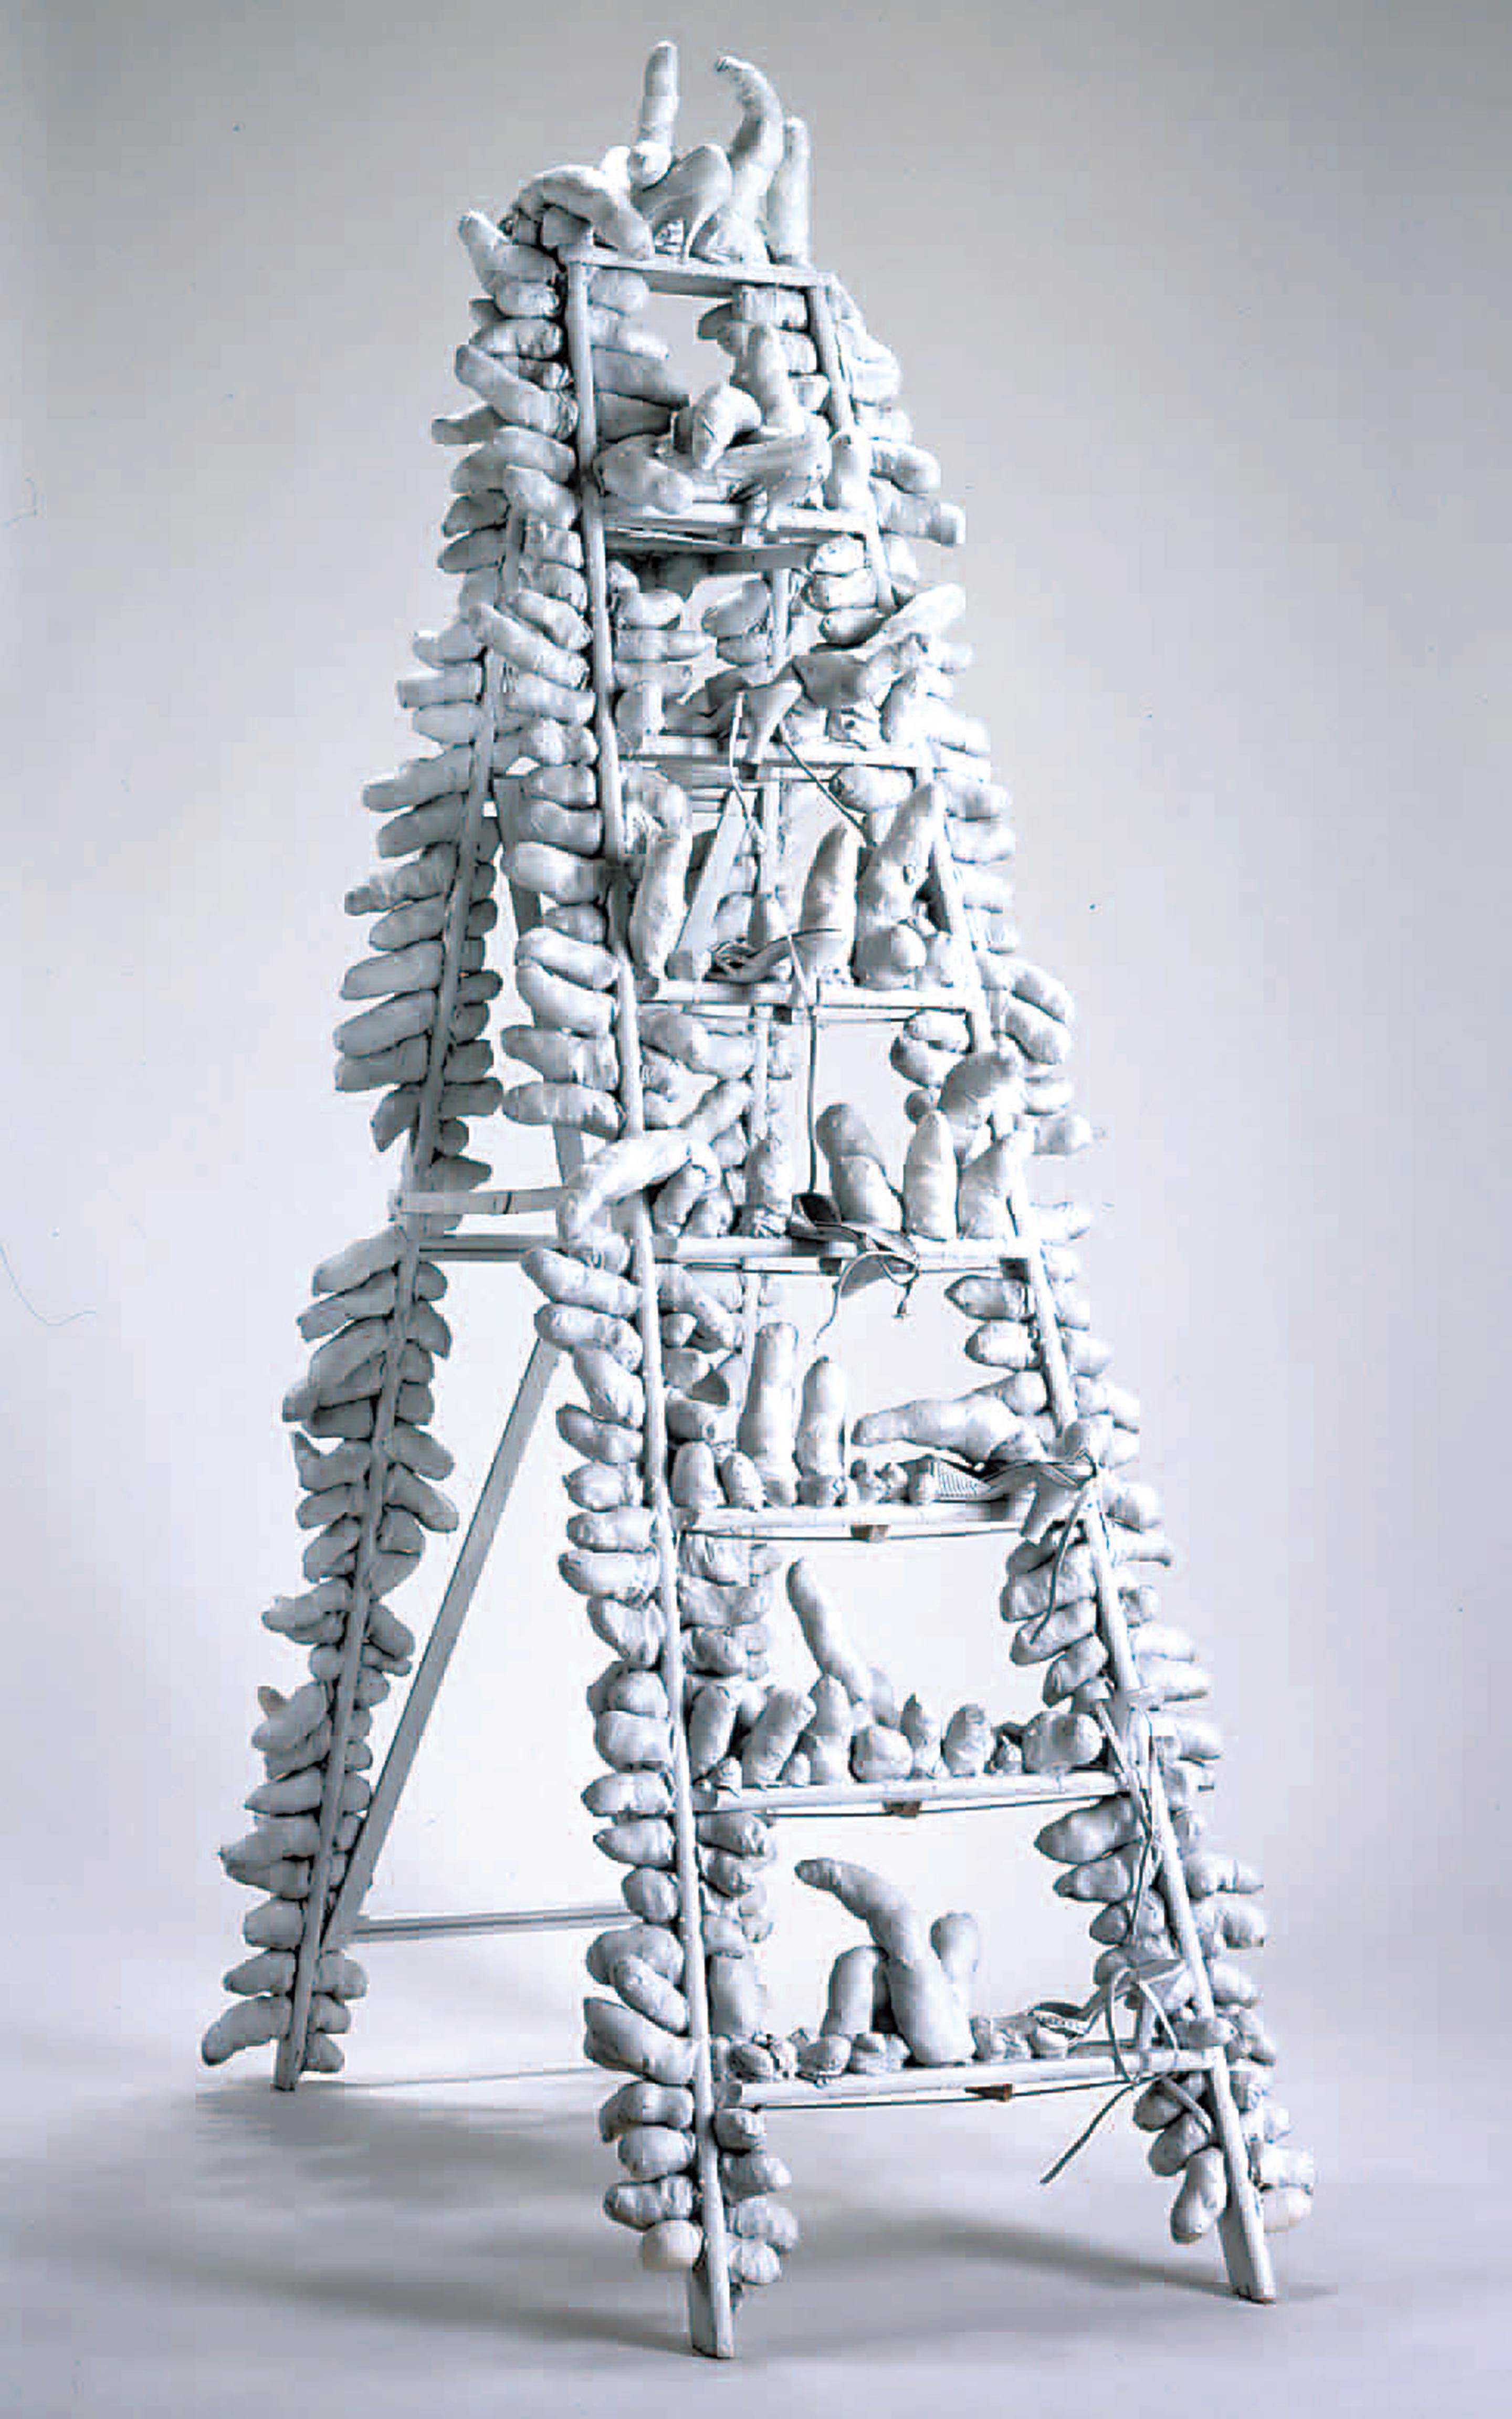 「トラヴェリング・ライフ」京都国立近代美術館 ©YAYOI KUSAMA 撮影:上野則宏